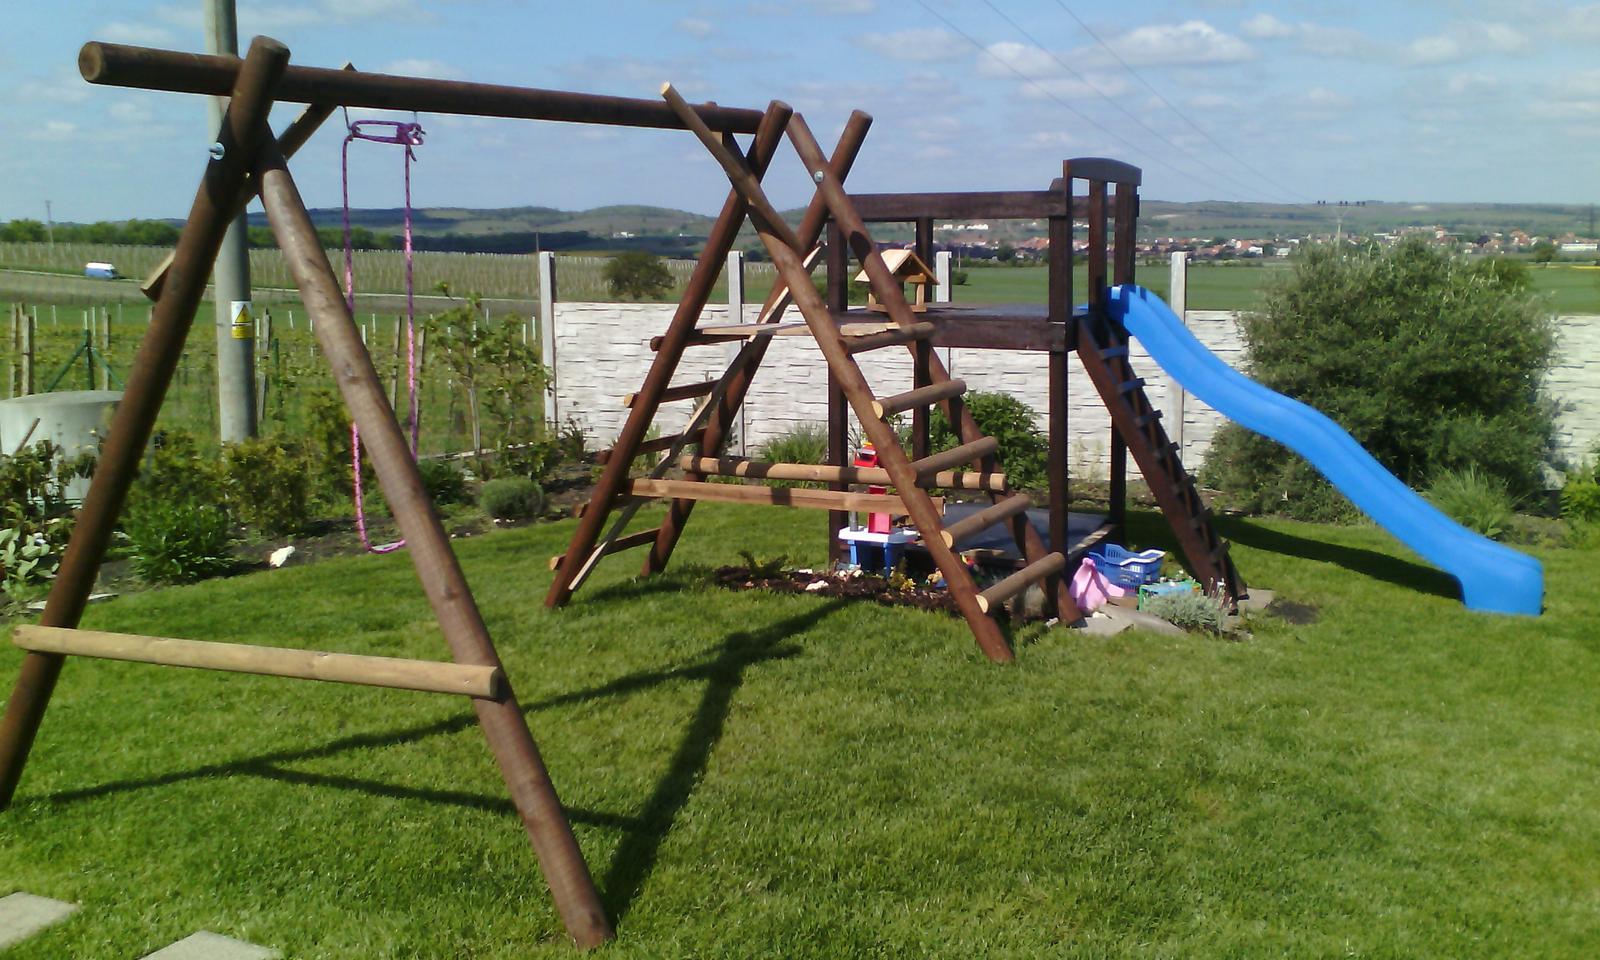 Děti na zahradě, kde si budou hrát? - mimo koupací sezonu, pak se skluzavka posunuje na podestu u houpaček